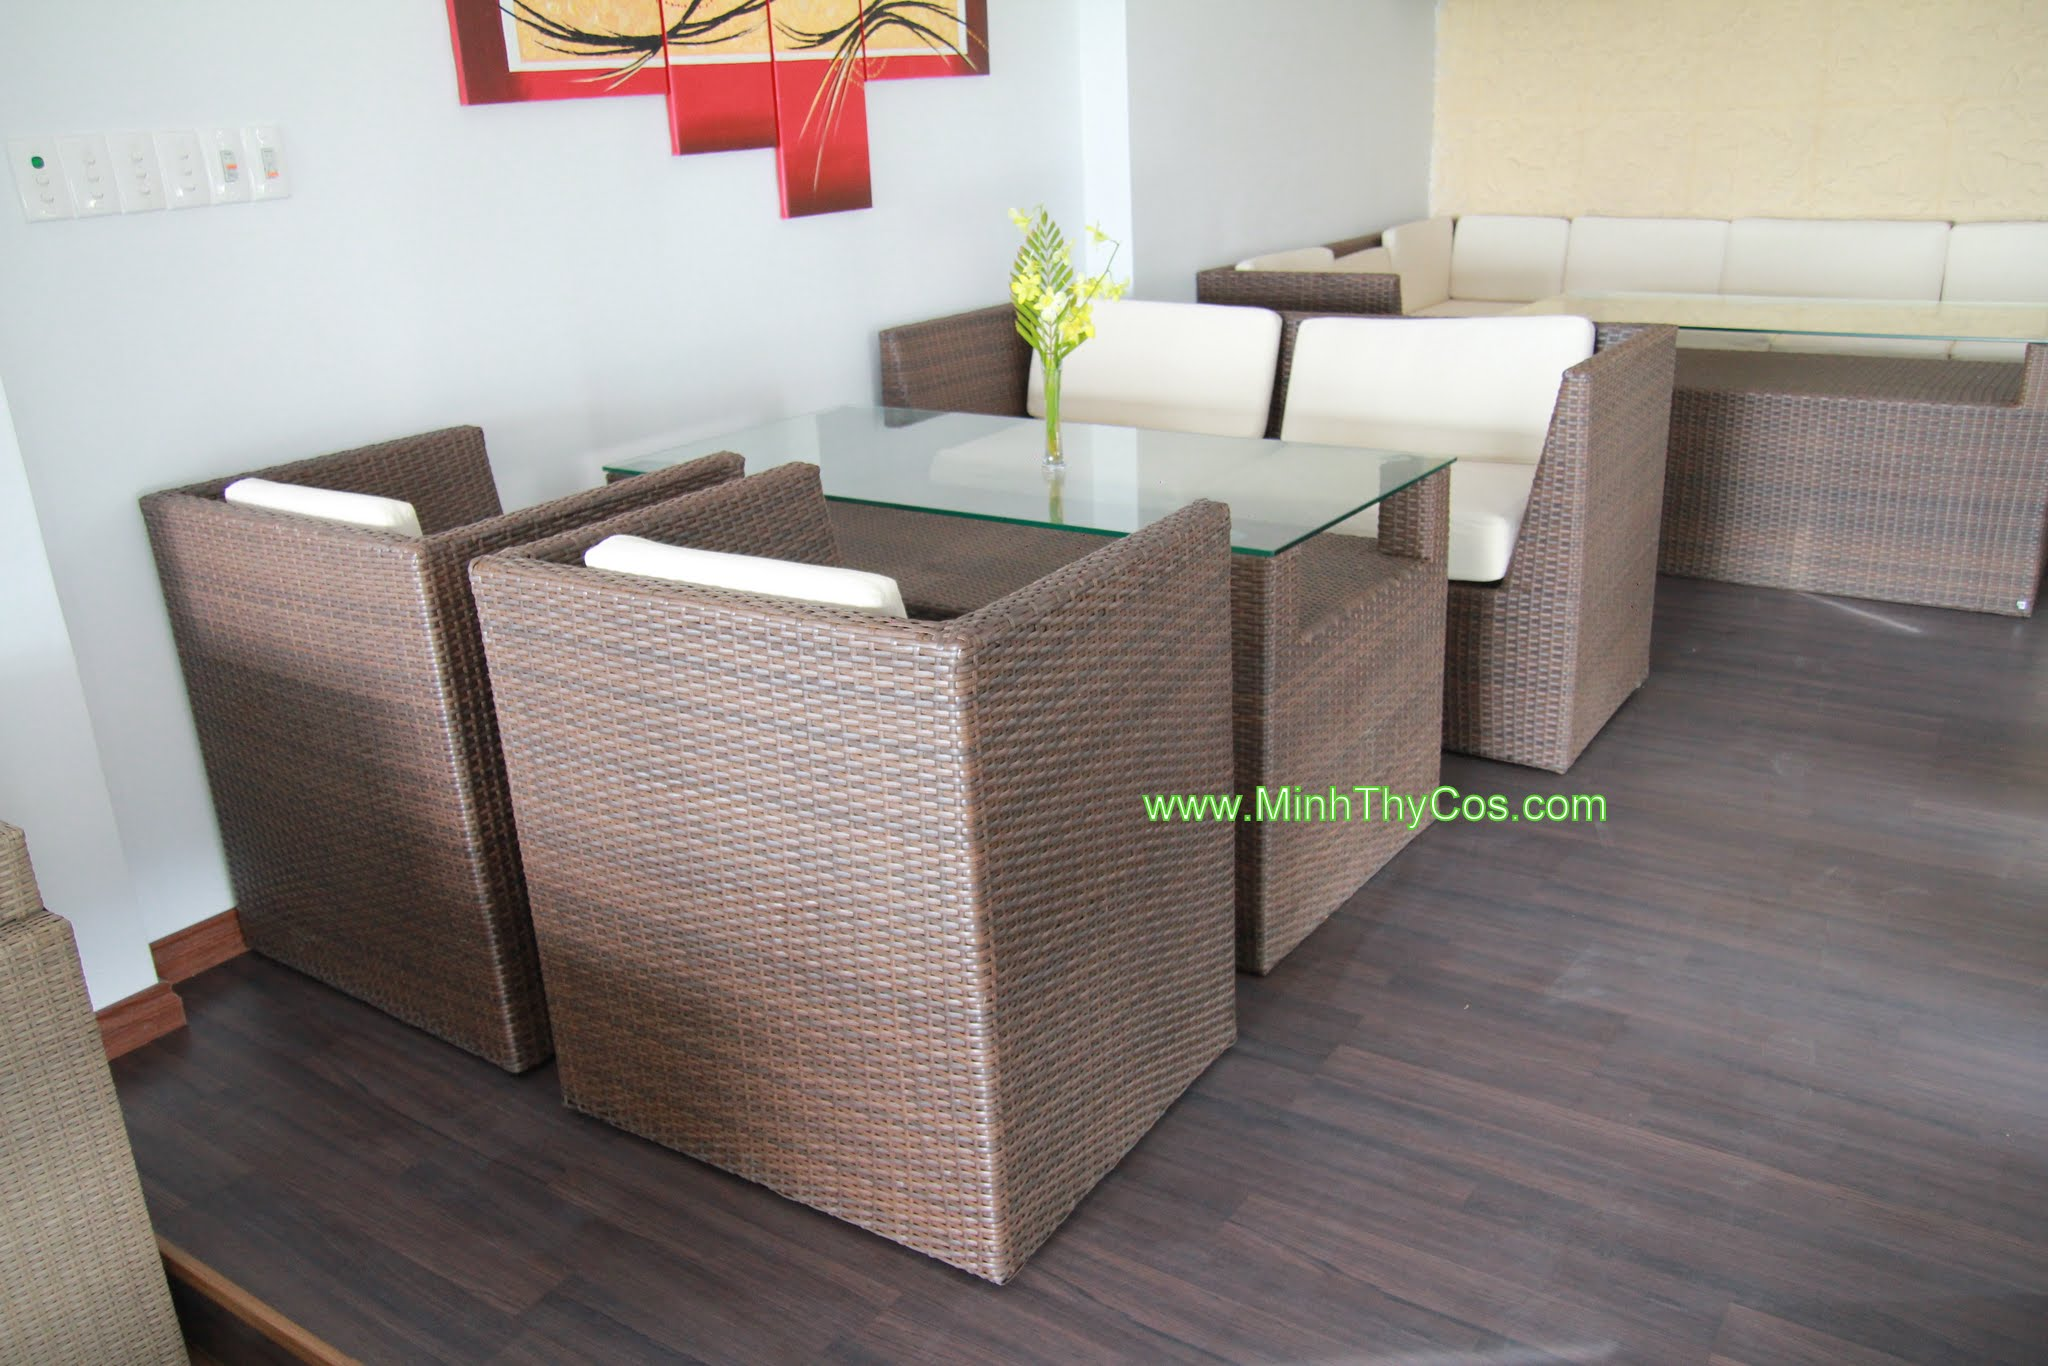 Outdoor wicker sofa set cafe SunOcean Da Nang